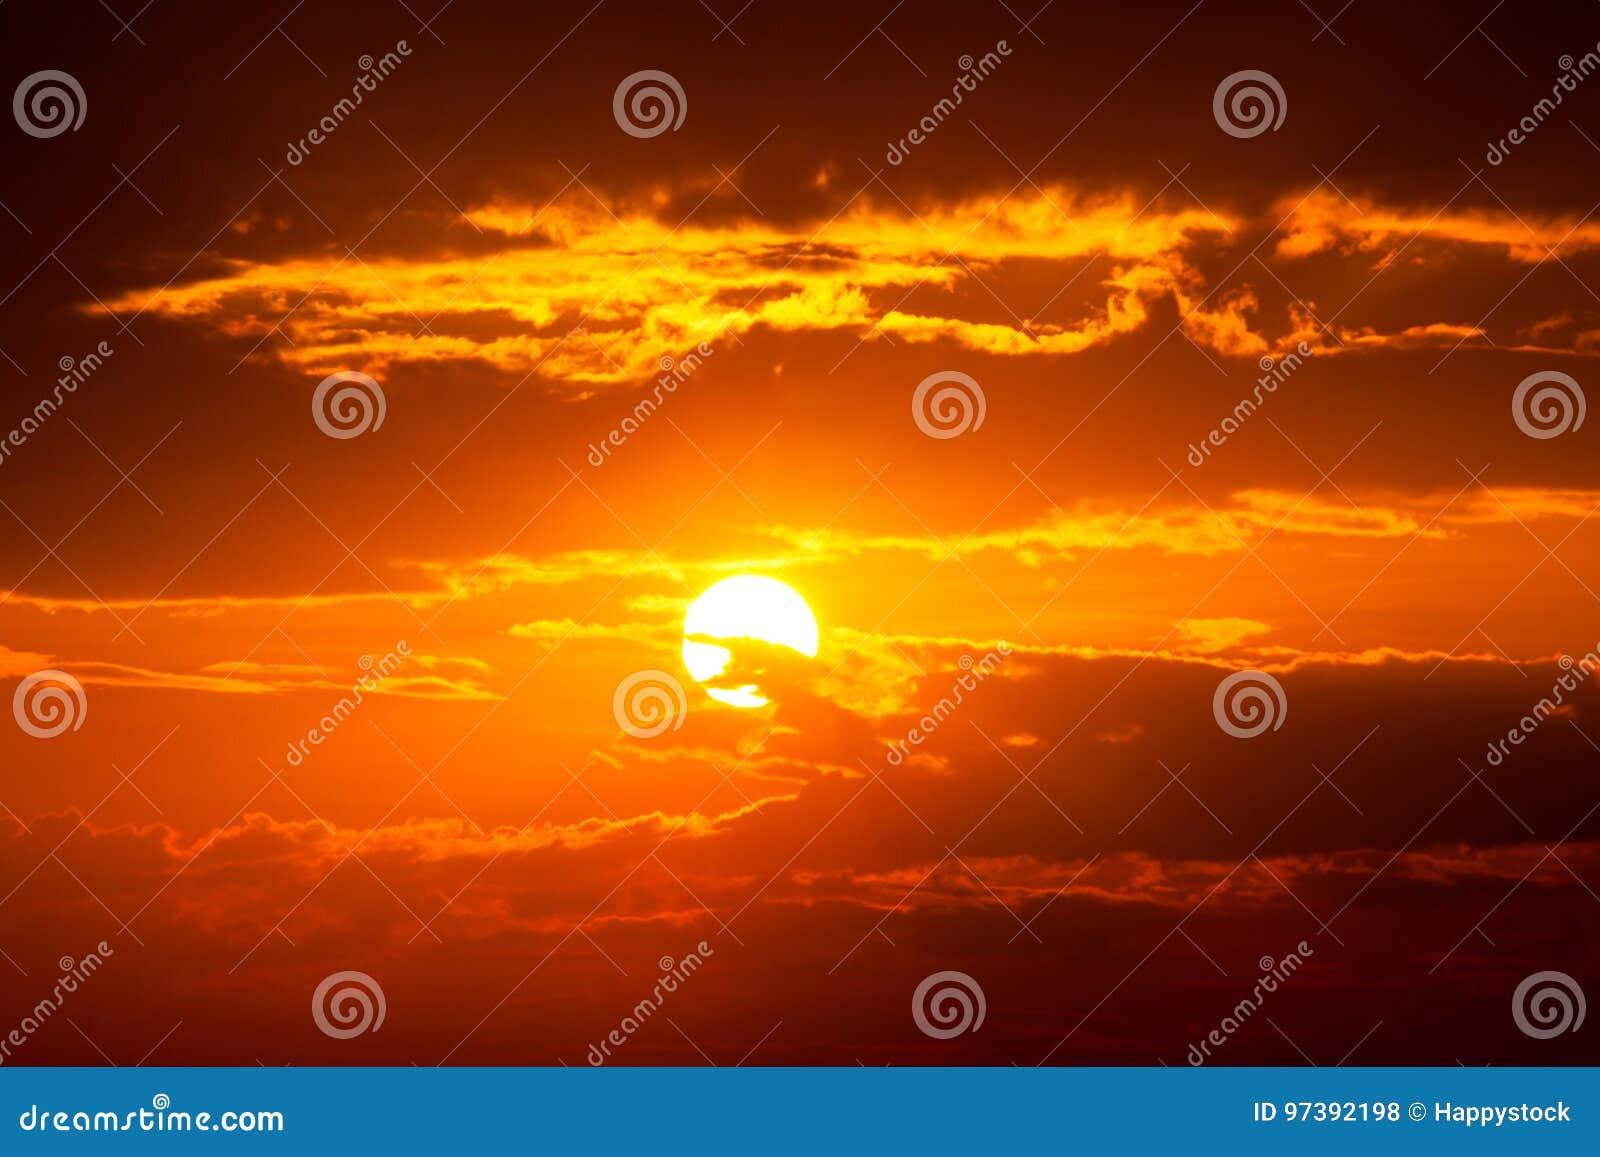 De zonstraal is daalt en verbazende dramatische oranje wolk, schemering